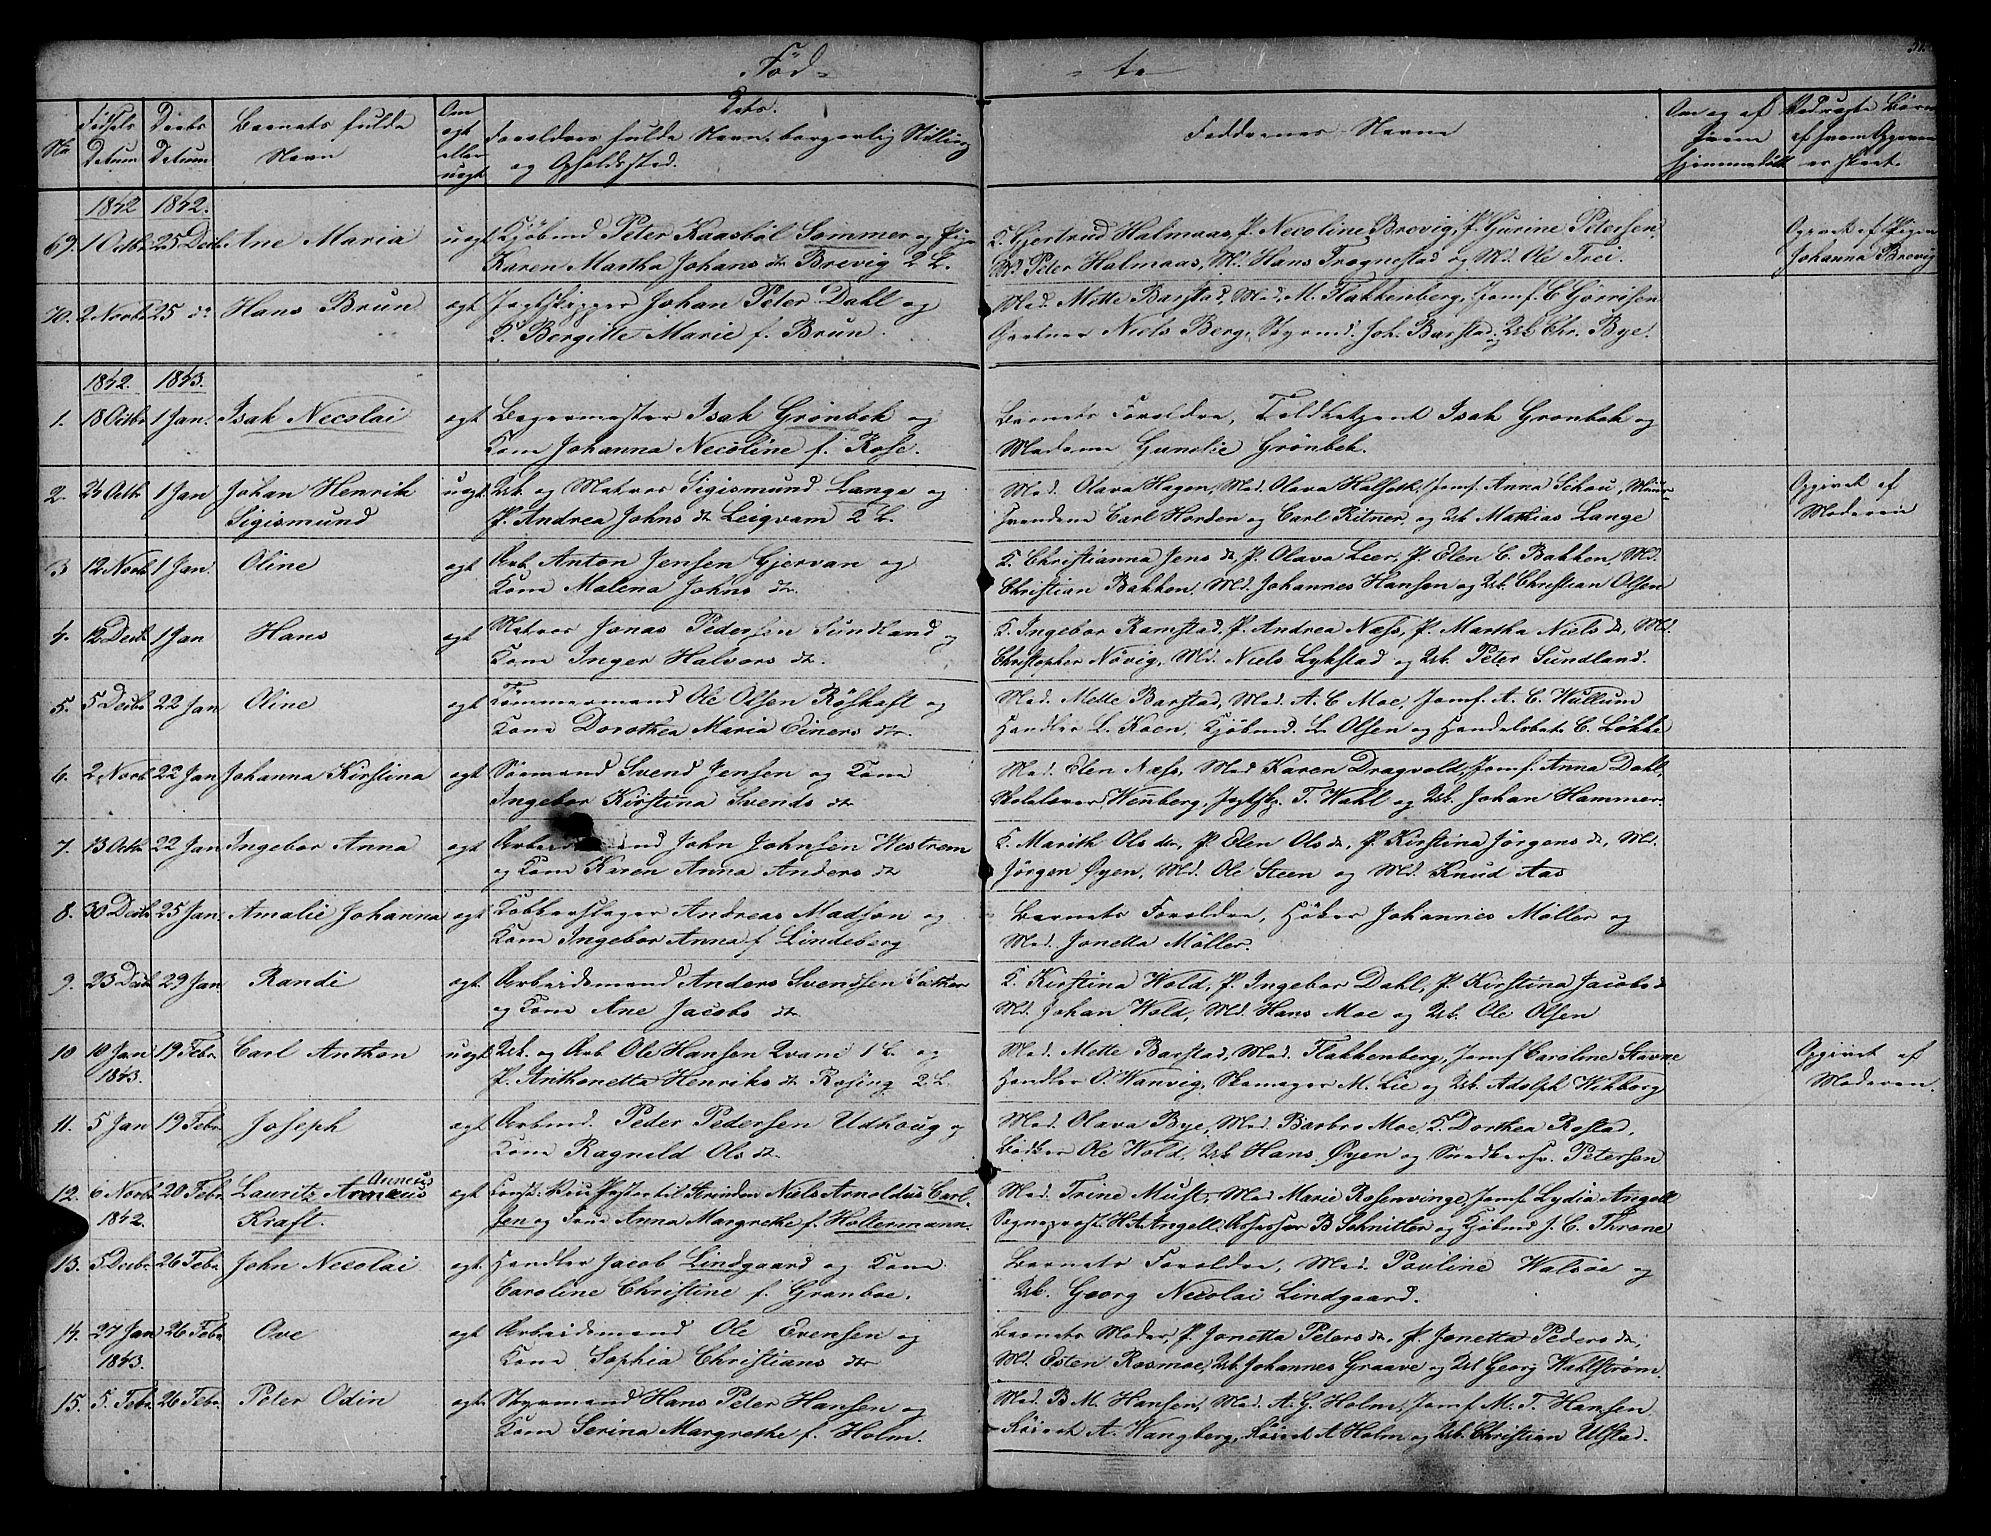 SAT, Ministerialprotokoller, klokkerbøker og fødselsregistre - Sør-Trøndelag, 604/L0182: Ministerialbok nr. 604A03, 1818-1850, s. 37